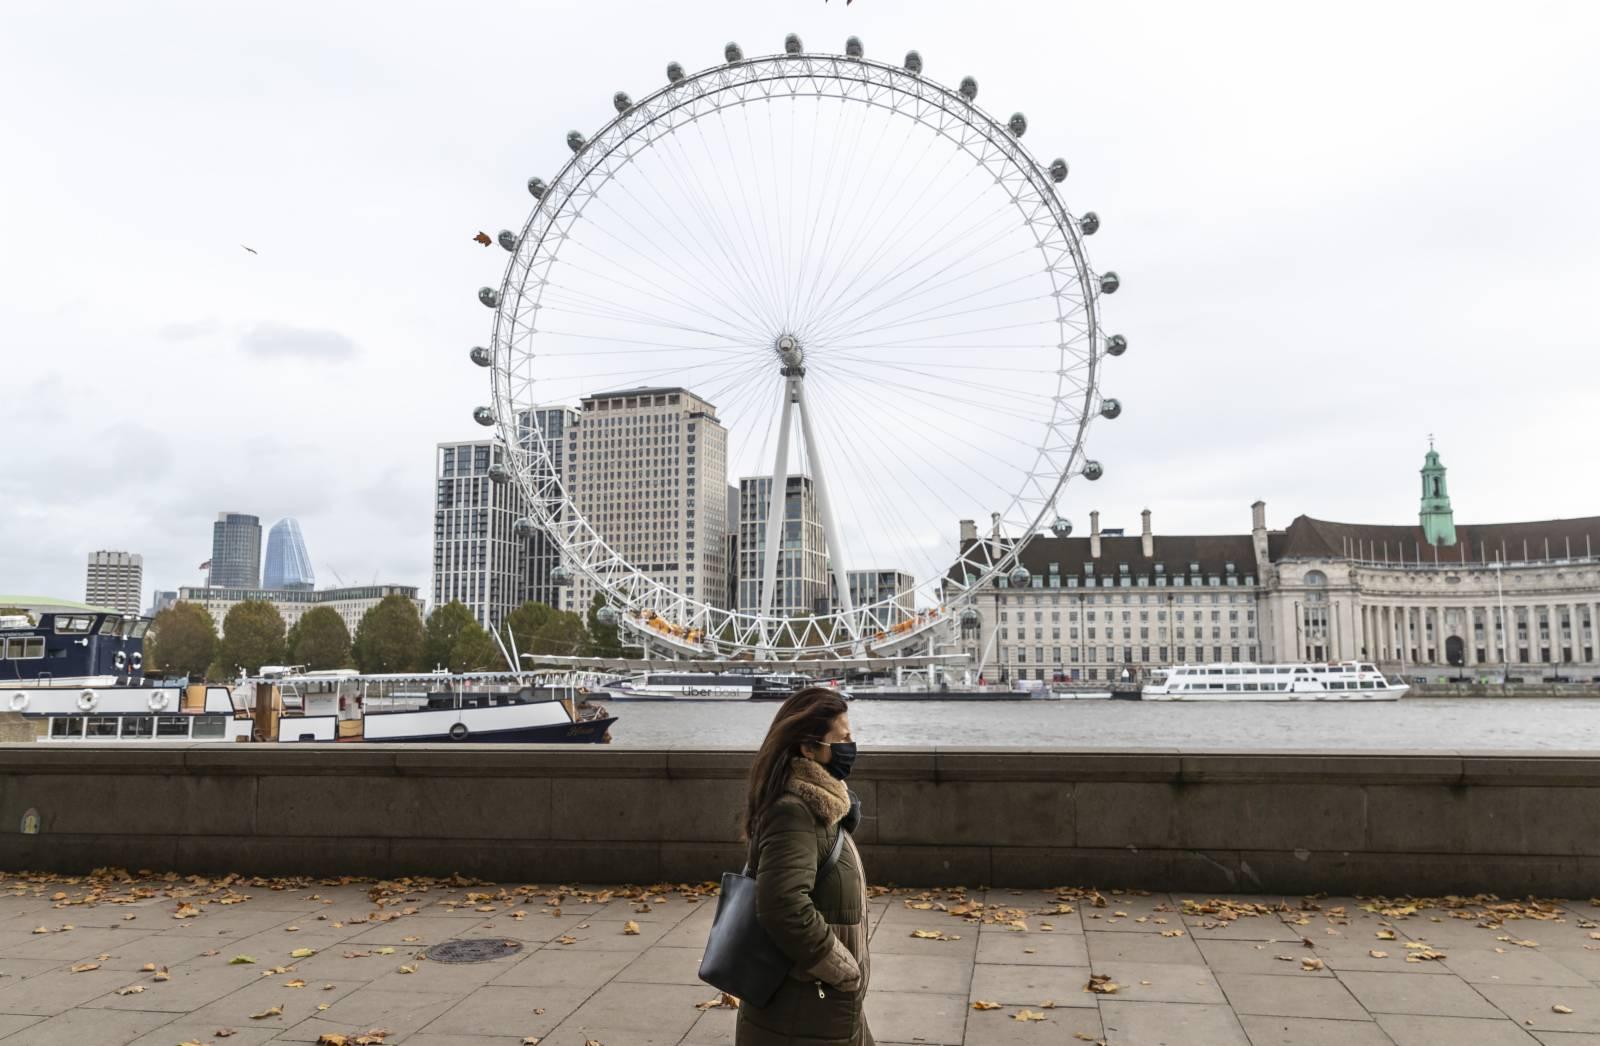 10月28日,一名戴口罩的女子在英國倫敦泰晤士河畔行走。(新華社)